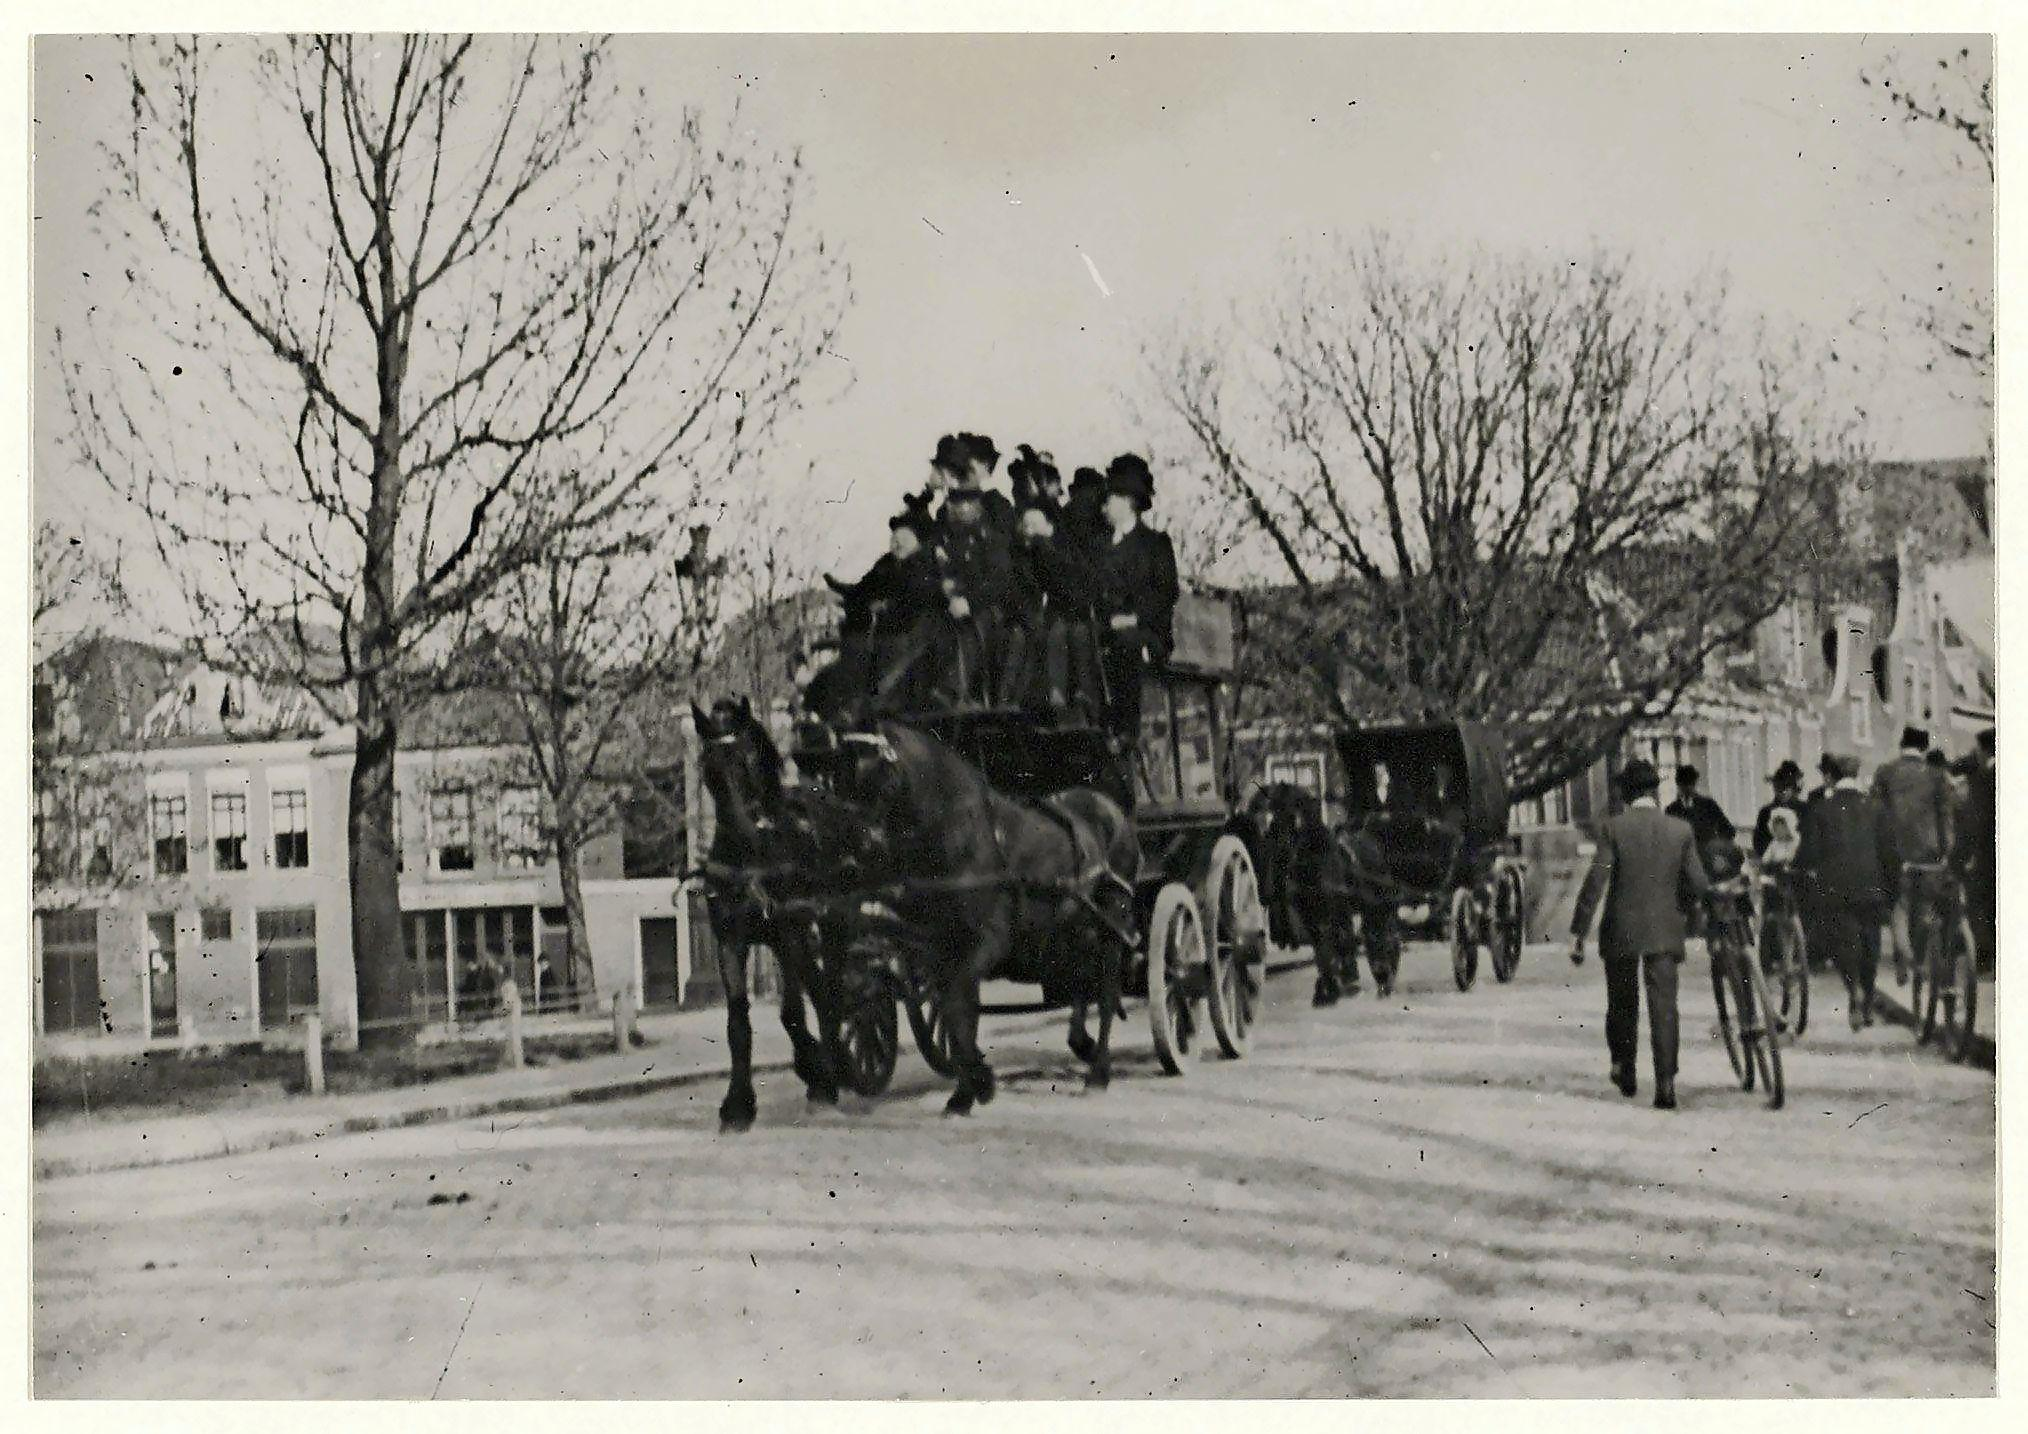 Het goedkoopste kaartje voor de omnibus kostte omgerekend meer dan 7 euro. Bovendien duurde een rit tussen station Haarlem en Bad-Zandvoort meer dan een uur | Uit de Tijd